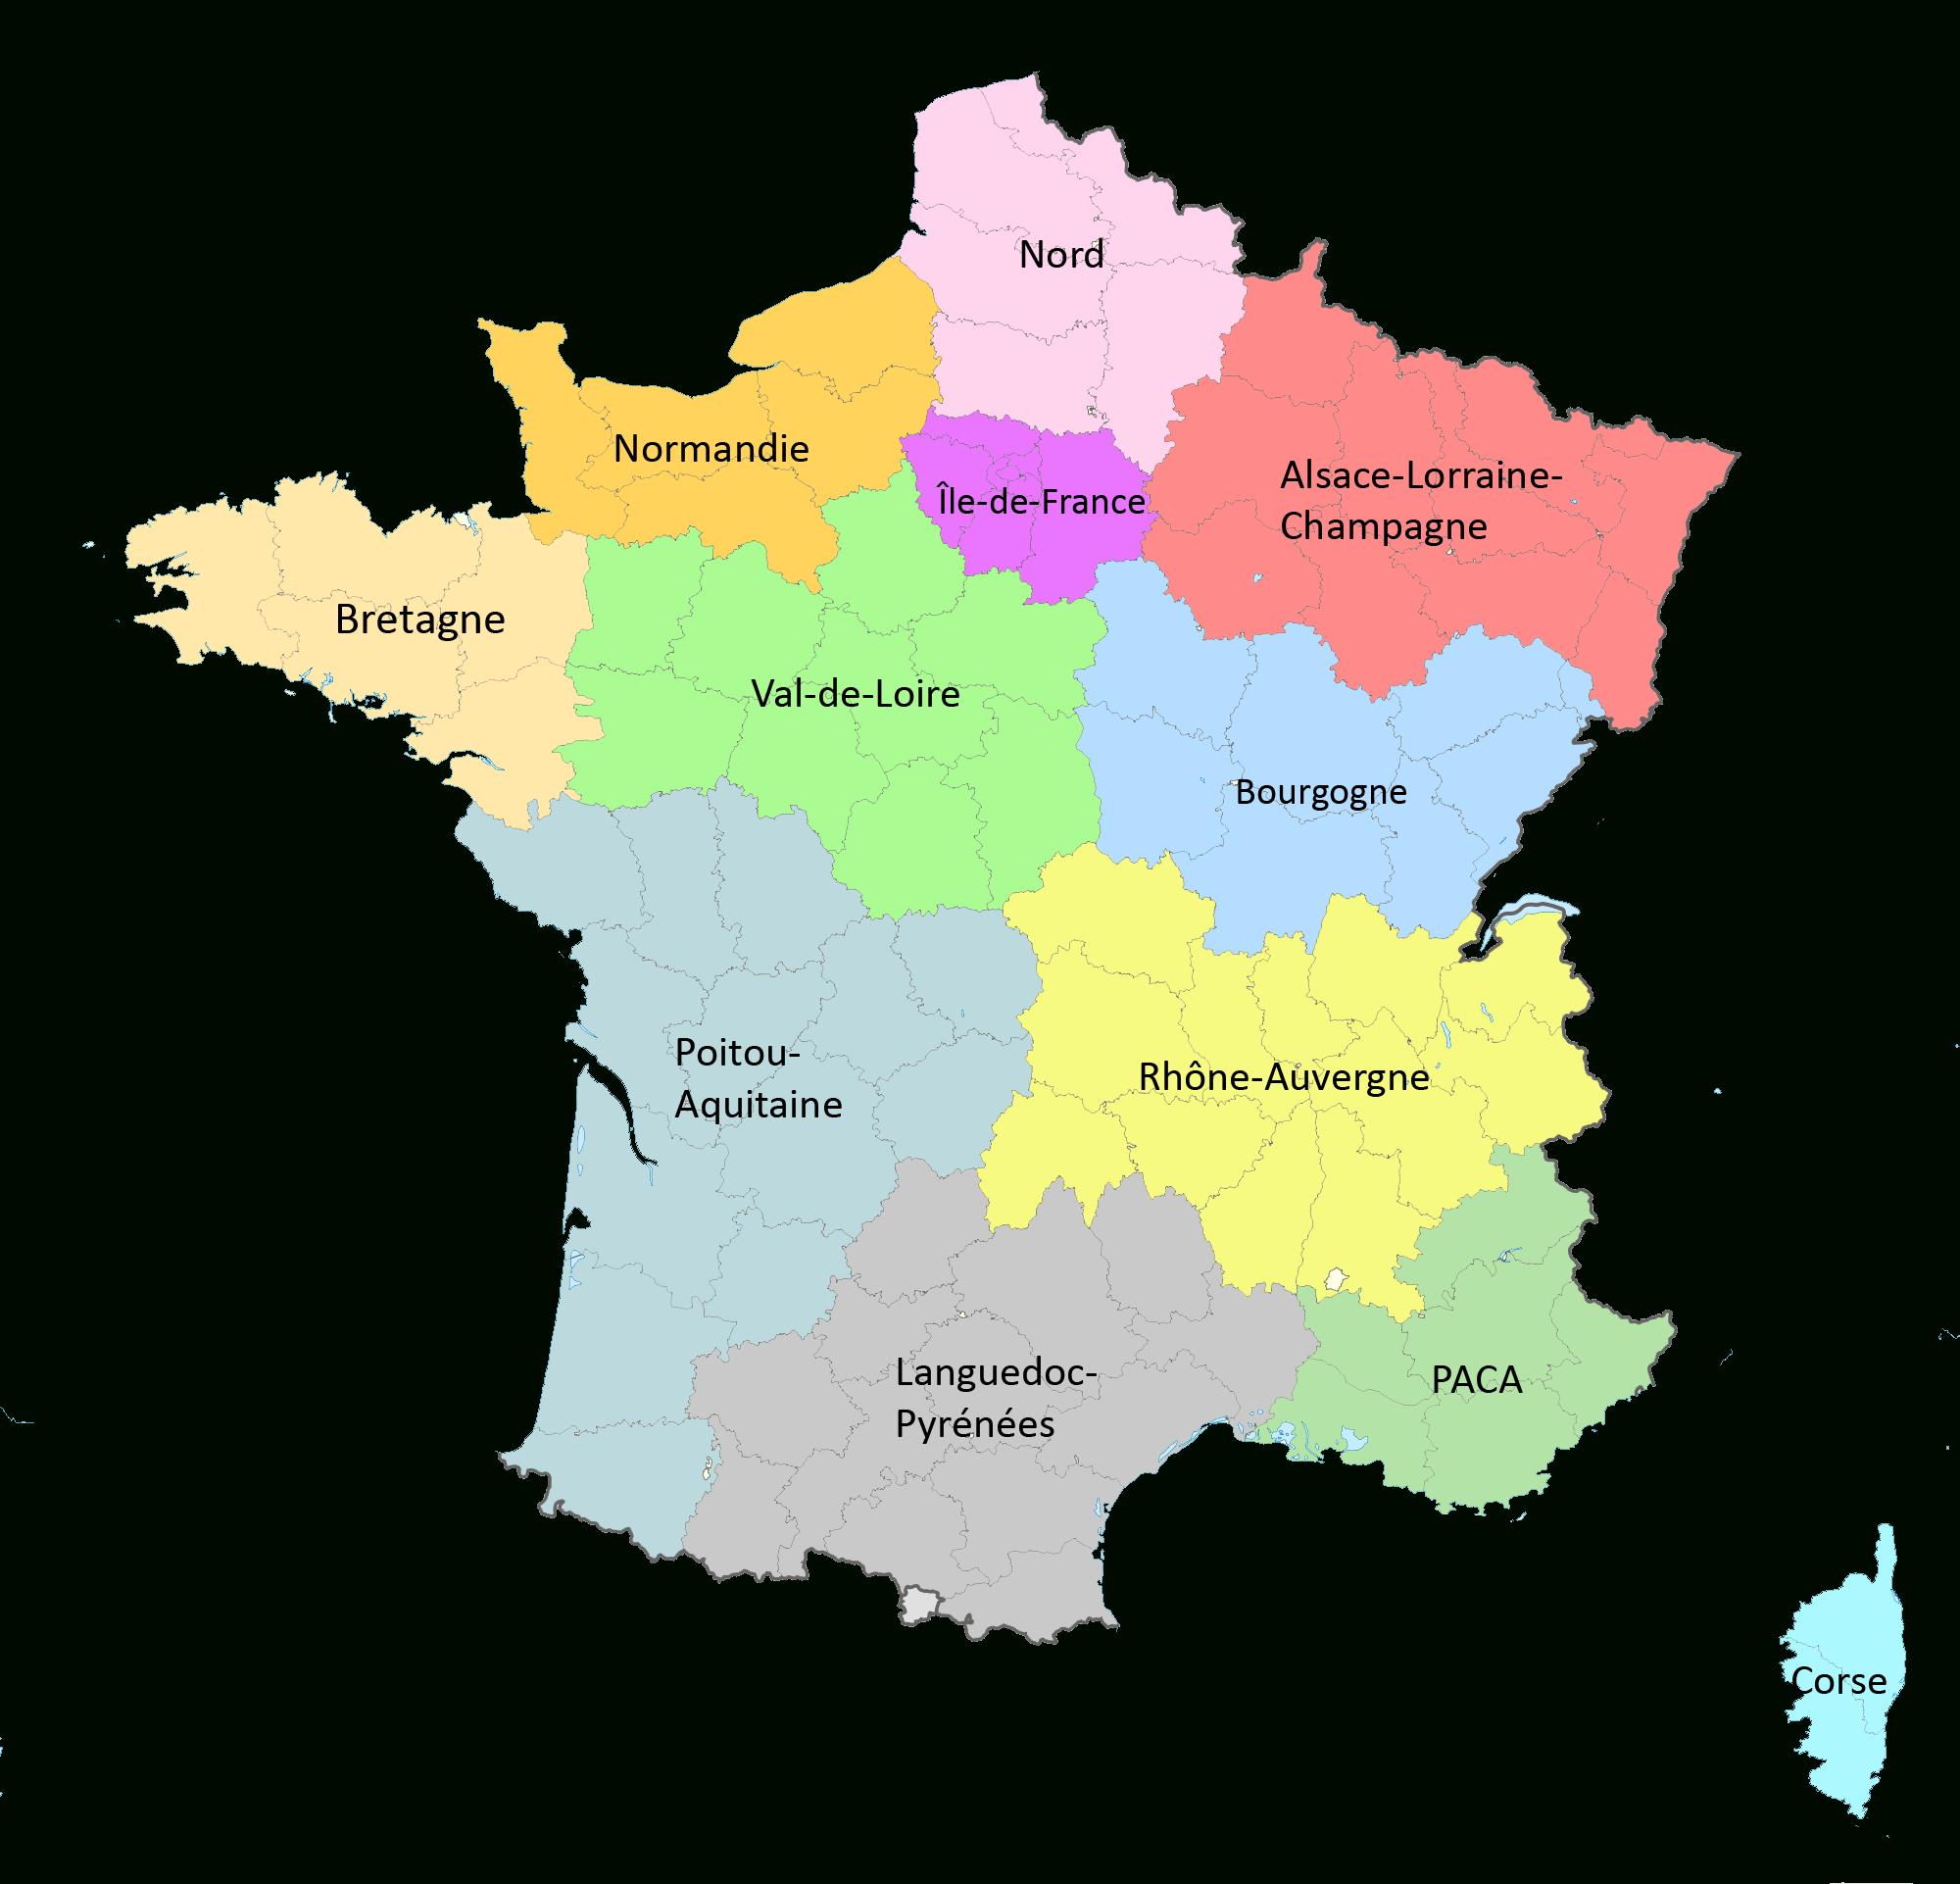 Réforme Territoriale : Une Nouvelle Carte À 12 Régions intérieur Nouvelles Régions Carte